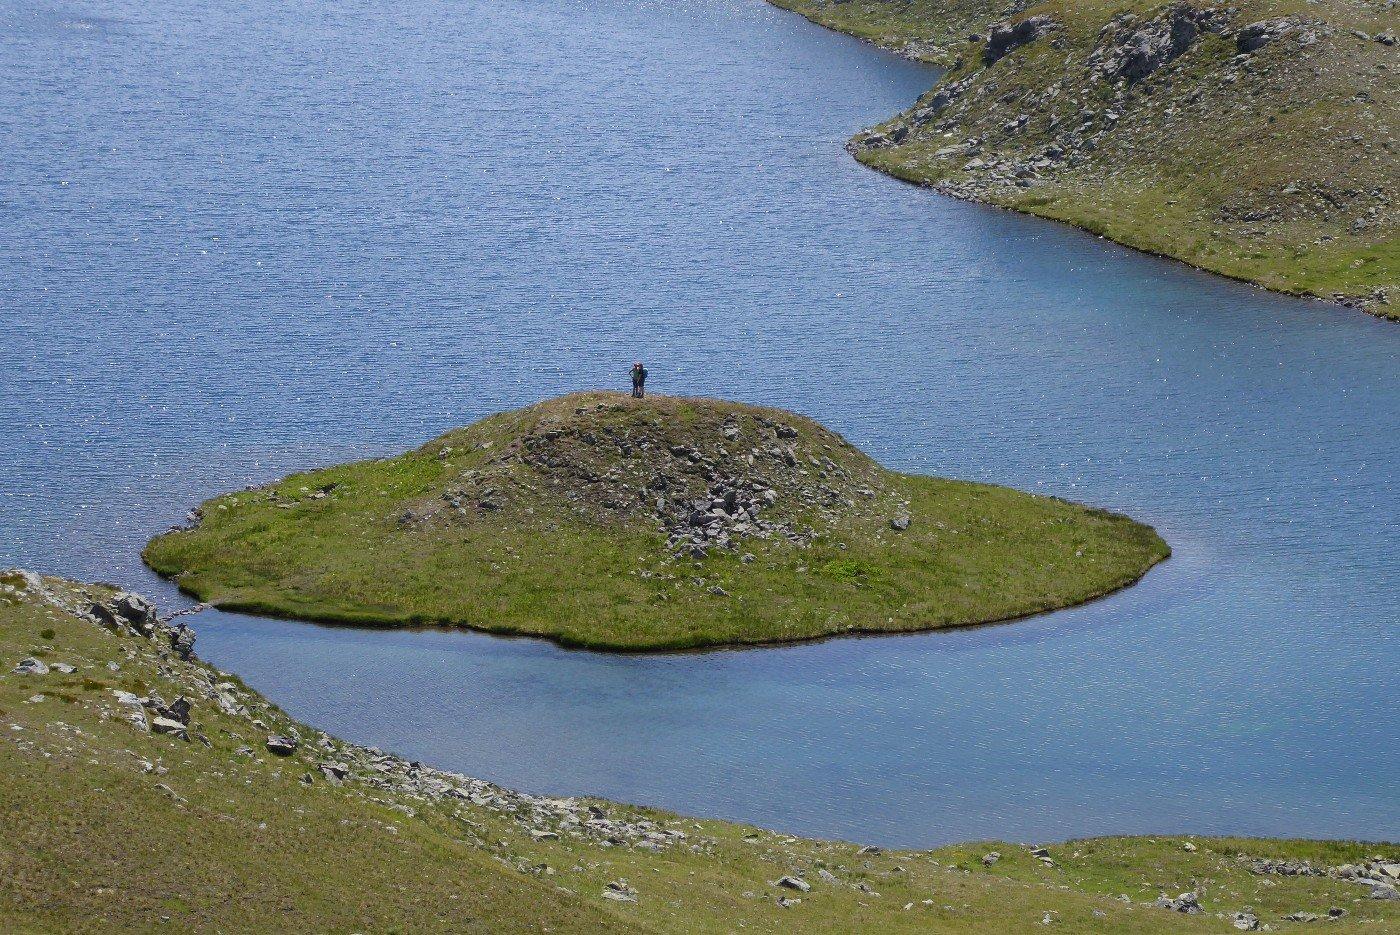 L'isoletta del lago Rosset